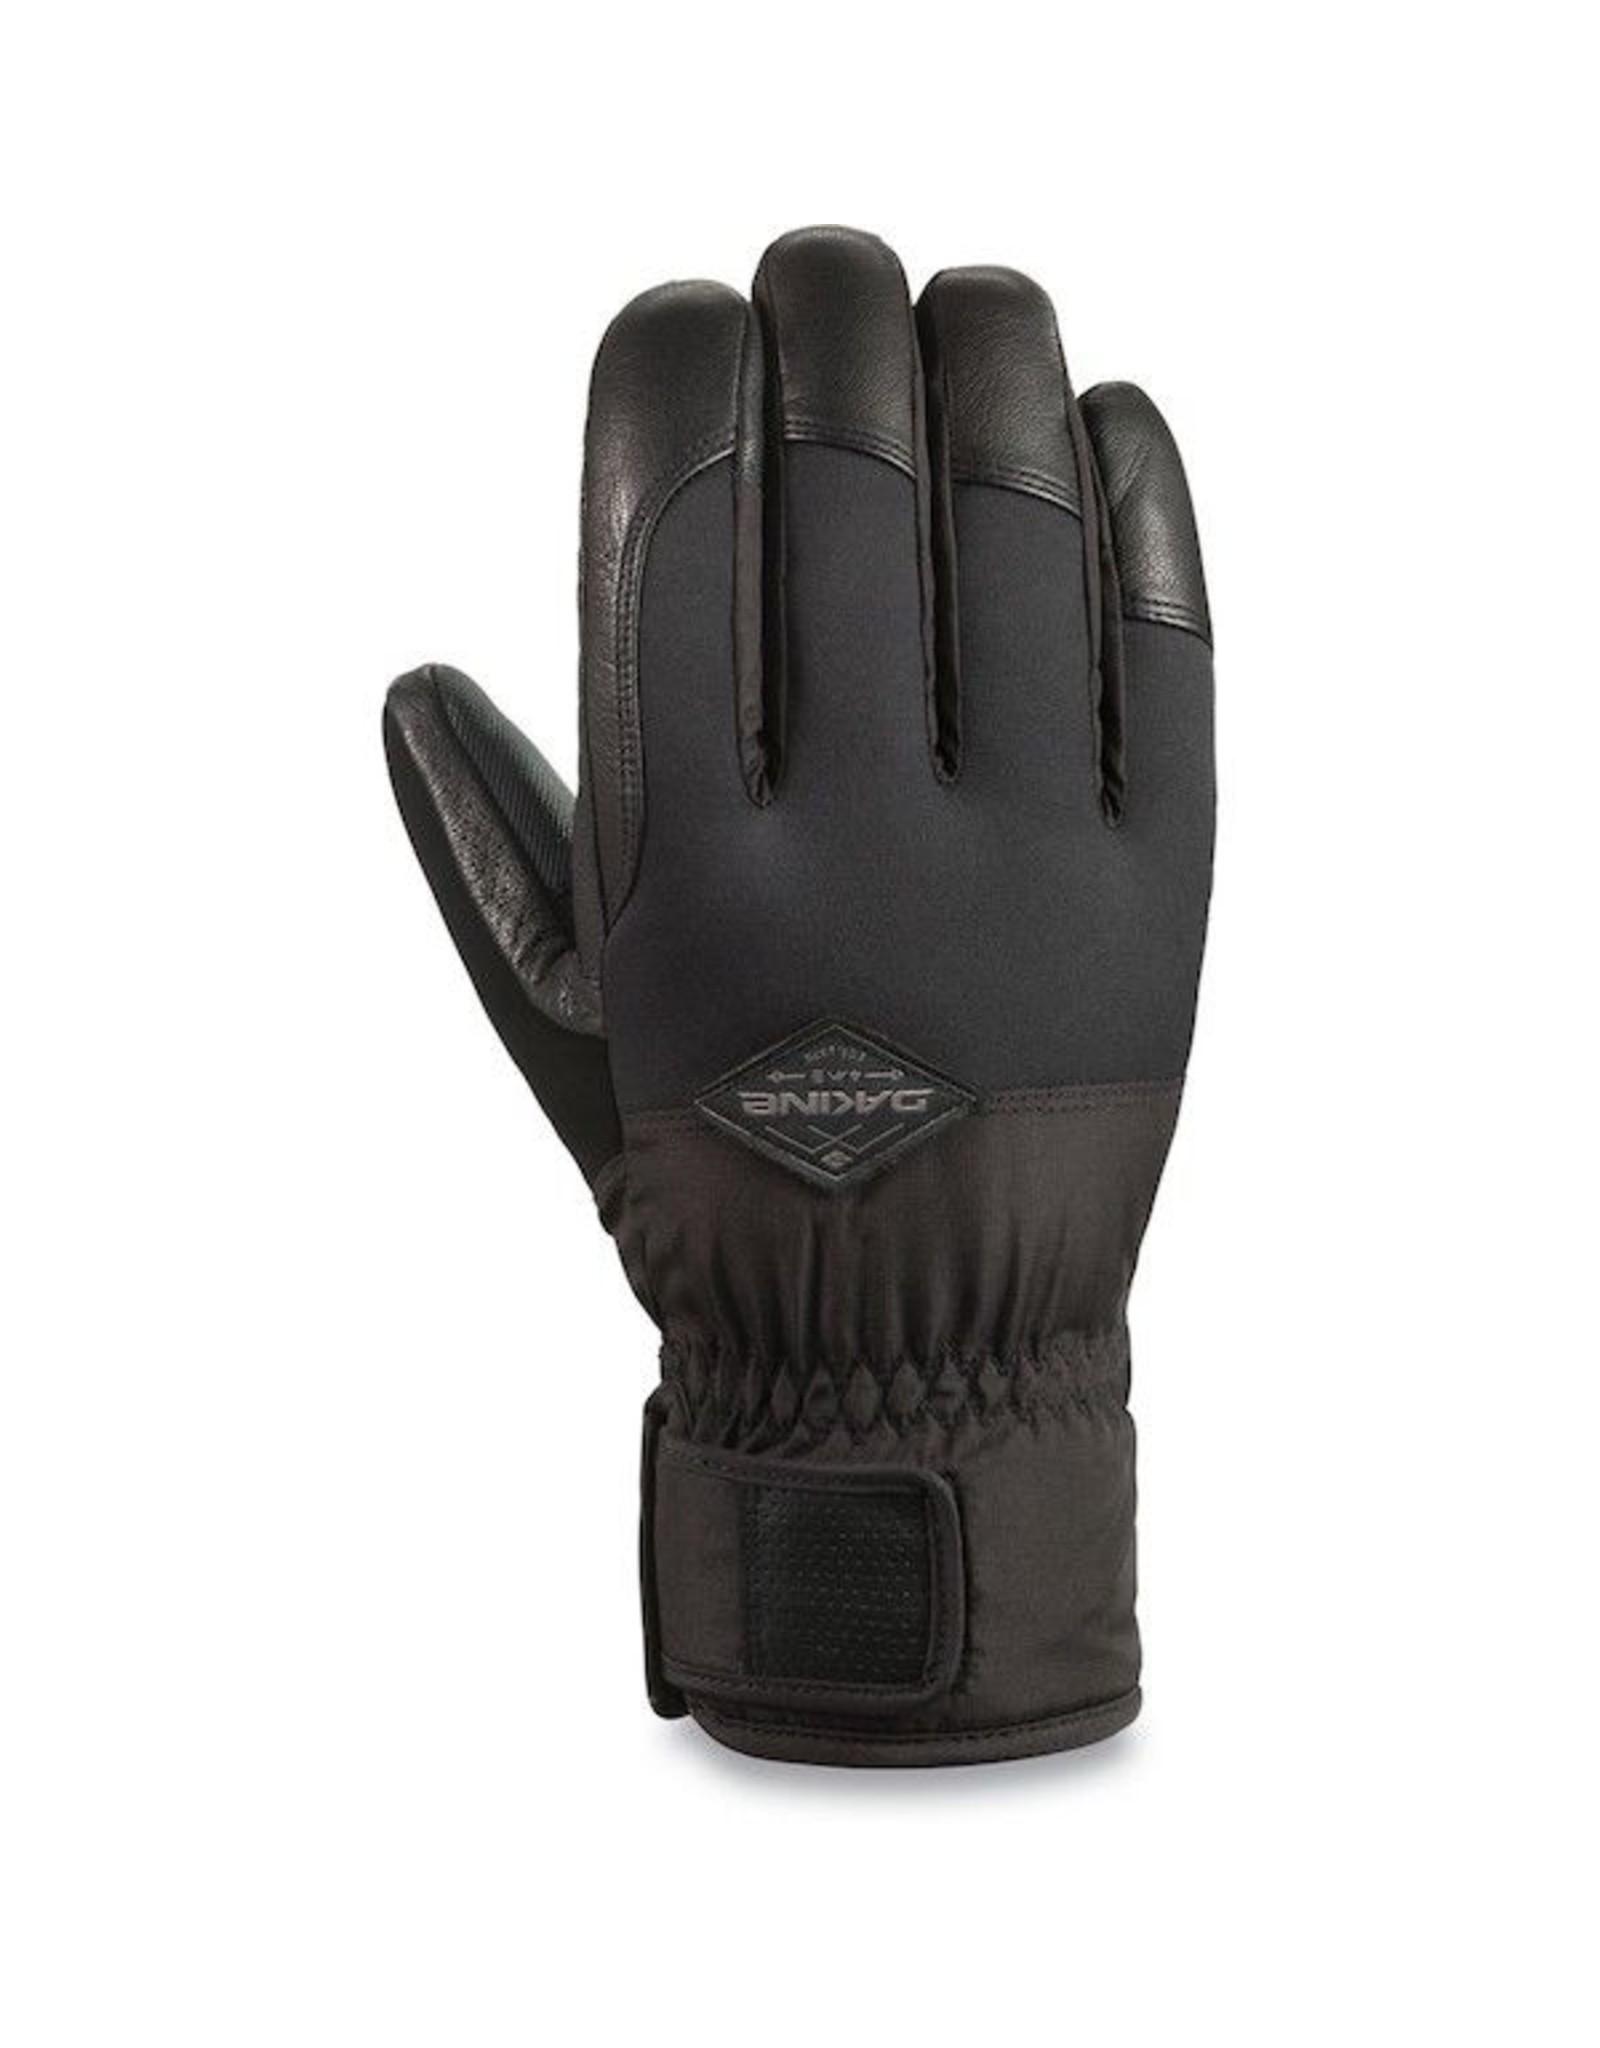 Dakine Dakine - Charger Glove - S - Black